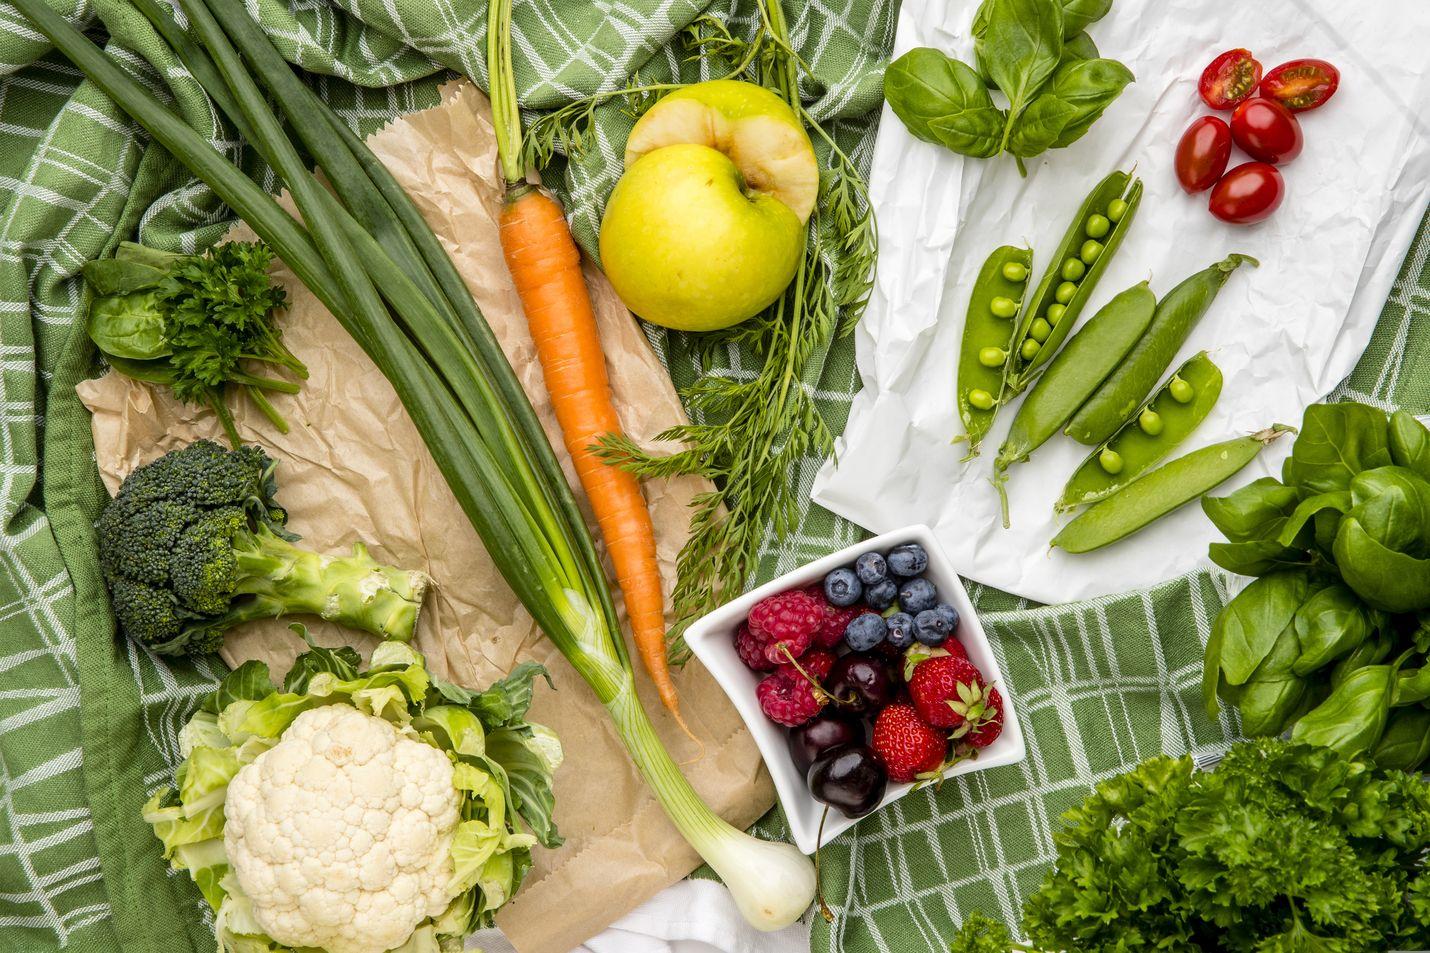 Luomuruoka on terveellistä ja eettistä, mutta ainakin osa kuluttajista voi suosia sitä myös oman maineensa takia.